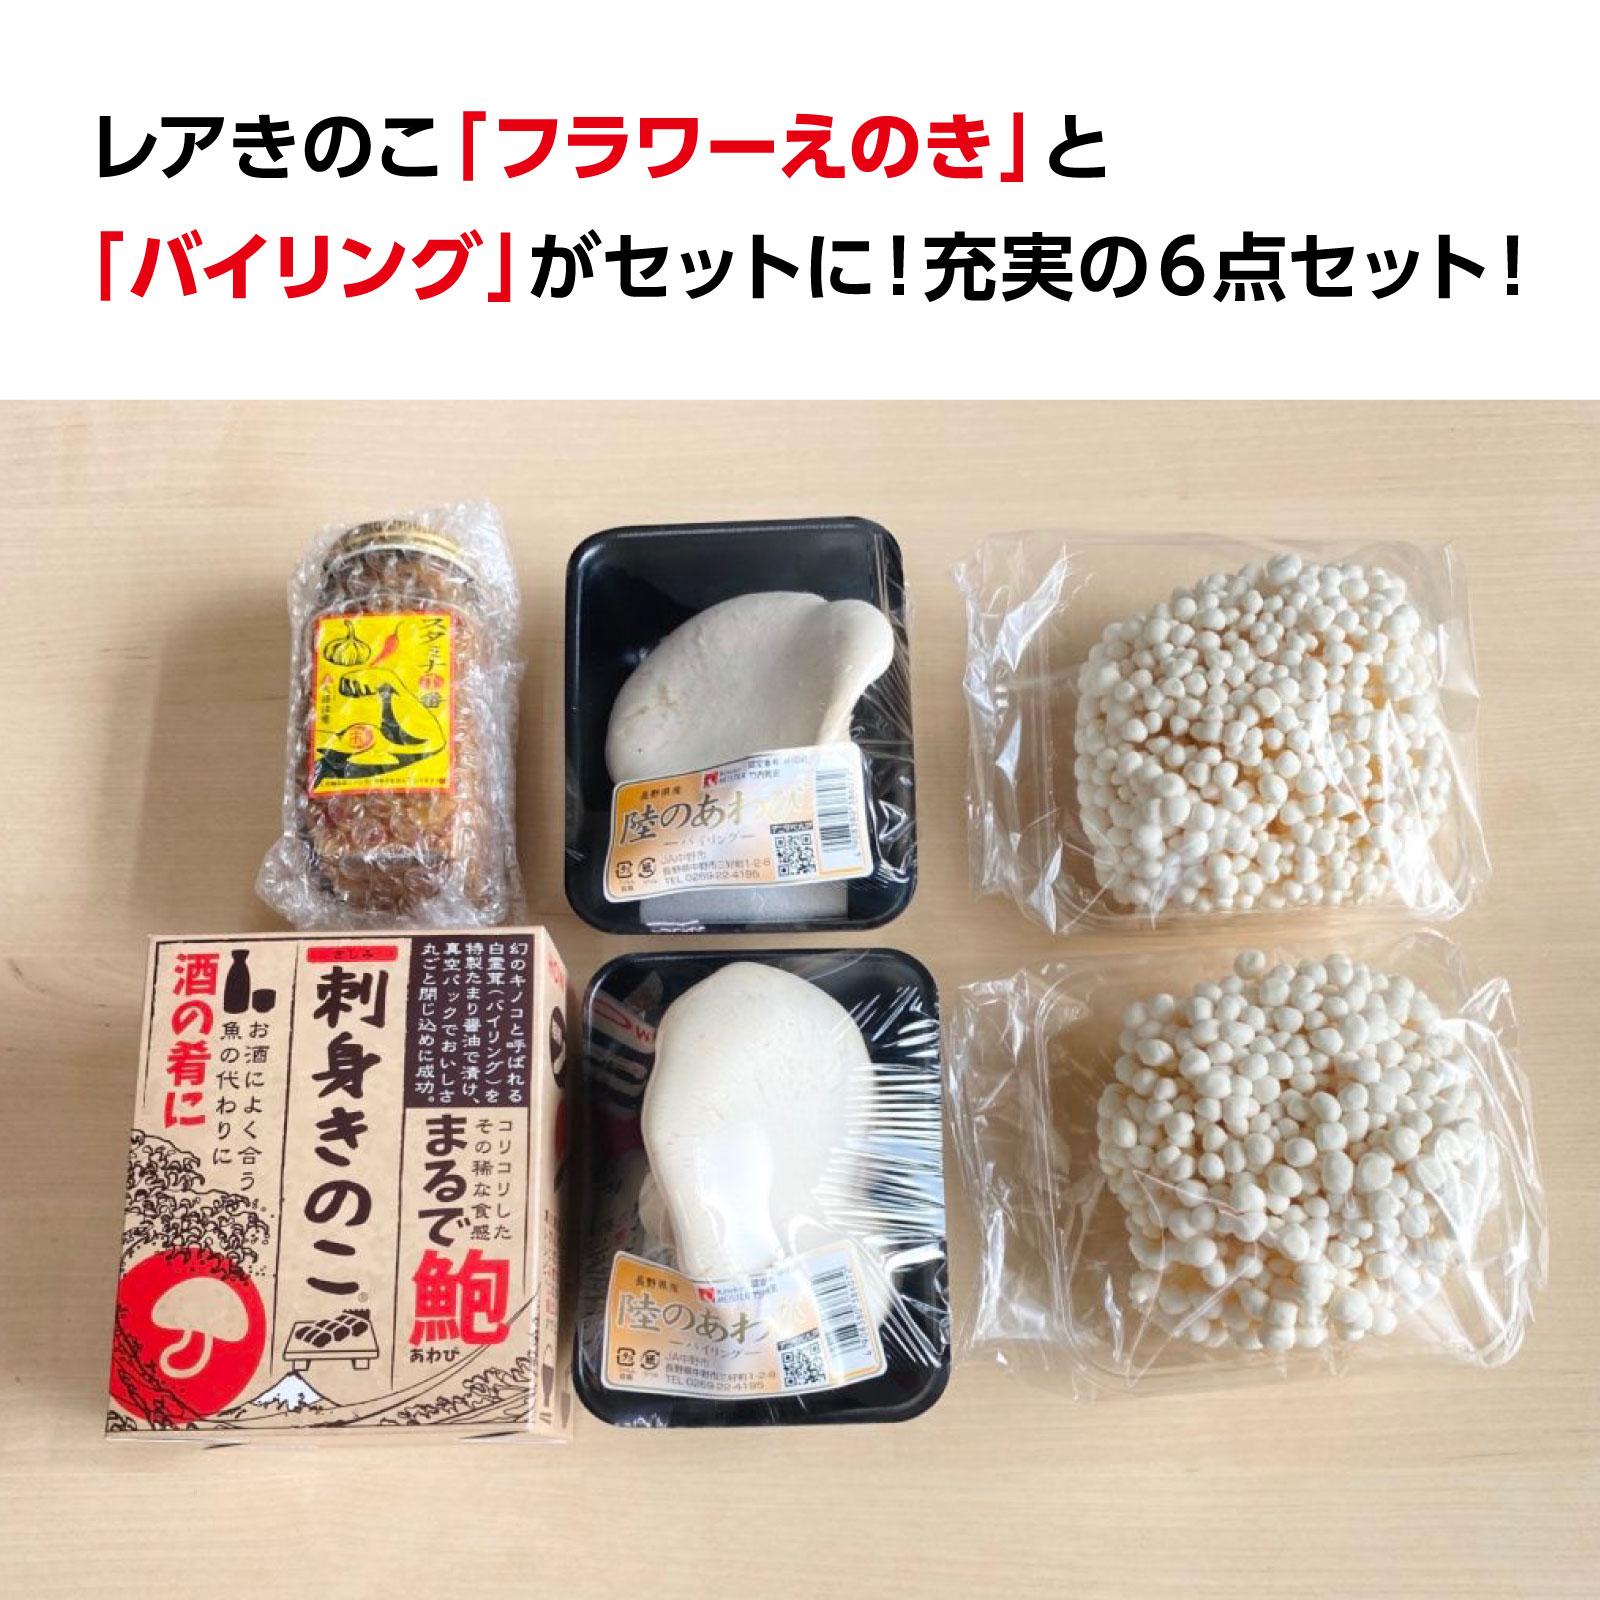 《長野県》竹内きのこ園のあわび茸が入った特選きのこセット